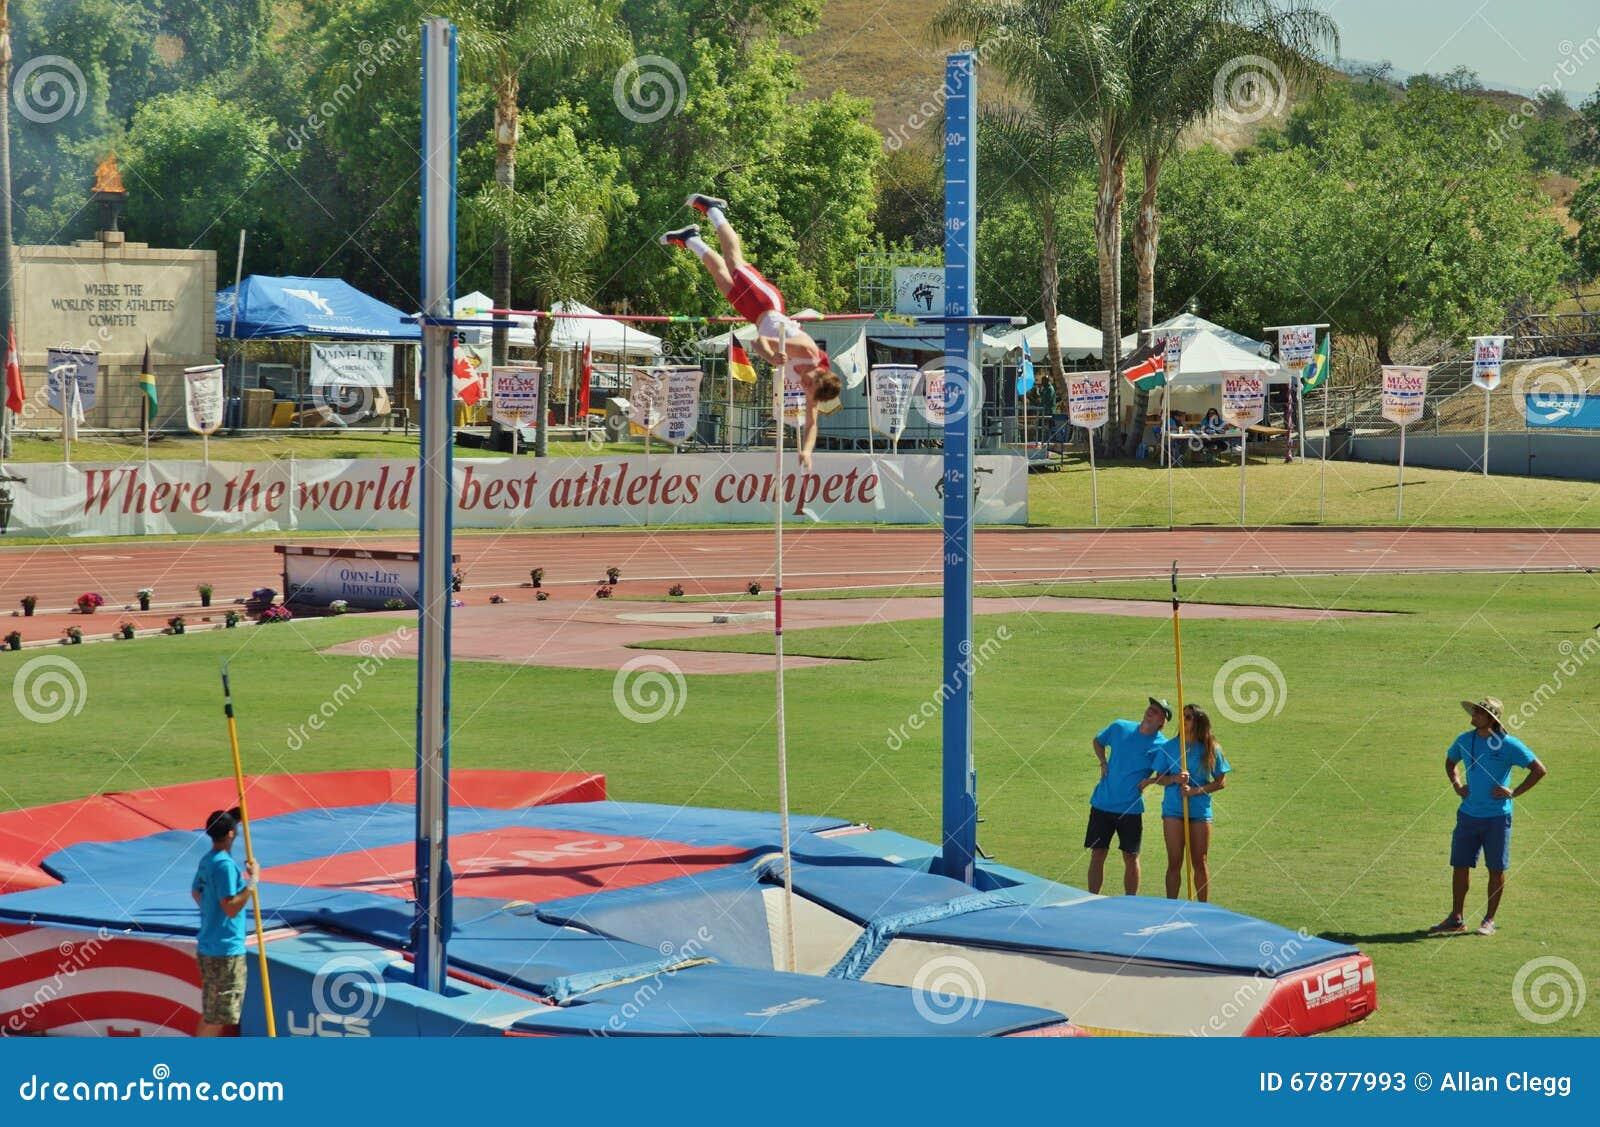 Mt 囊传递2015田径比赛,波兰人Valut 前在历史的Hilmer小屋体育场将举行